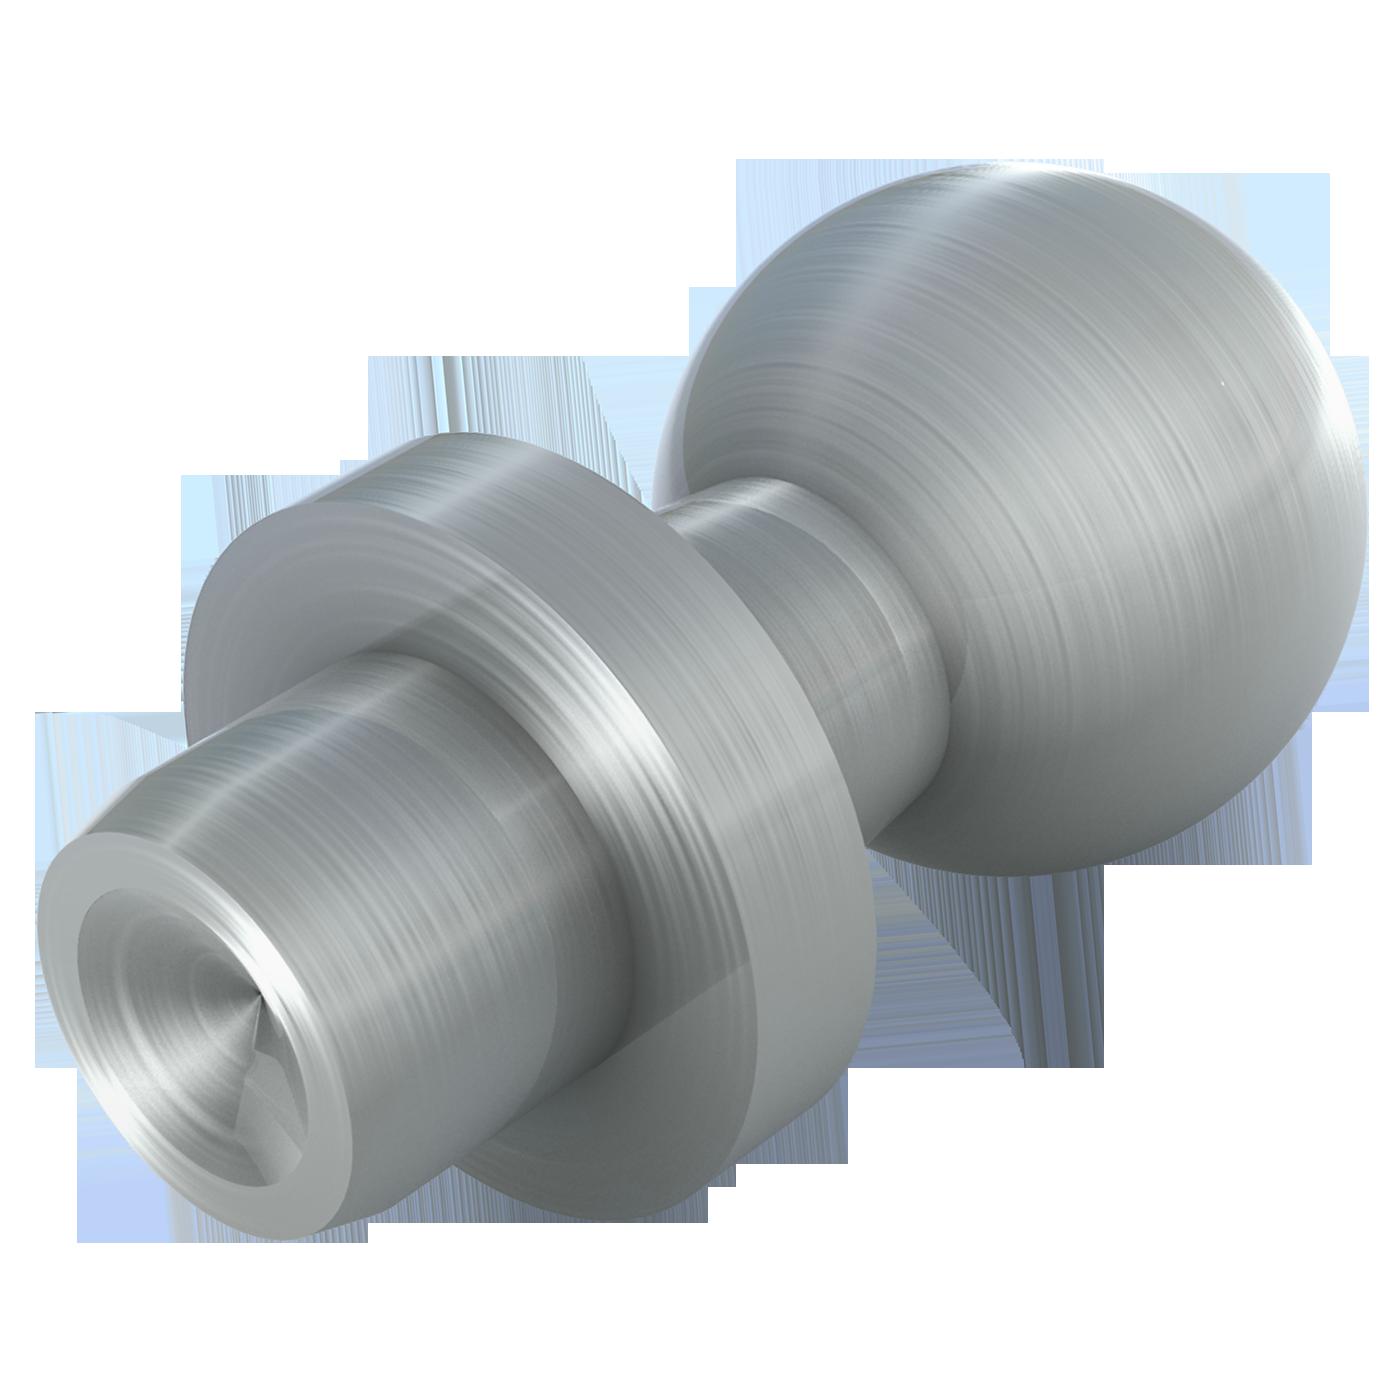 mbo Oßwald dreht Nietzapfen nach DIN 71803 Form B. Stahl oder Edelstahl 1.4305 und 1.4404, A4-Qualität stehen als Werkstoff zur Wahl.